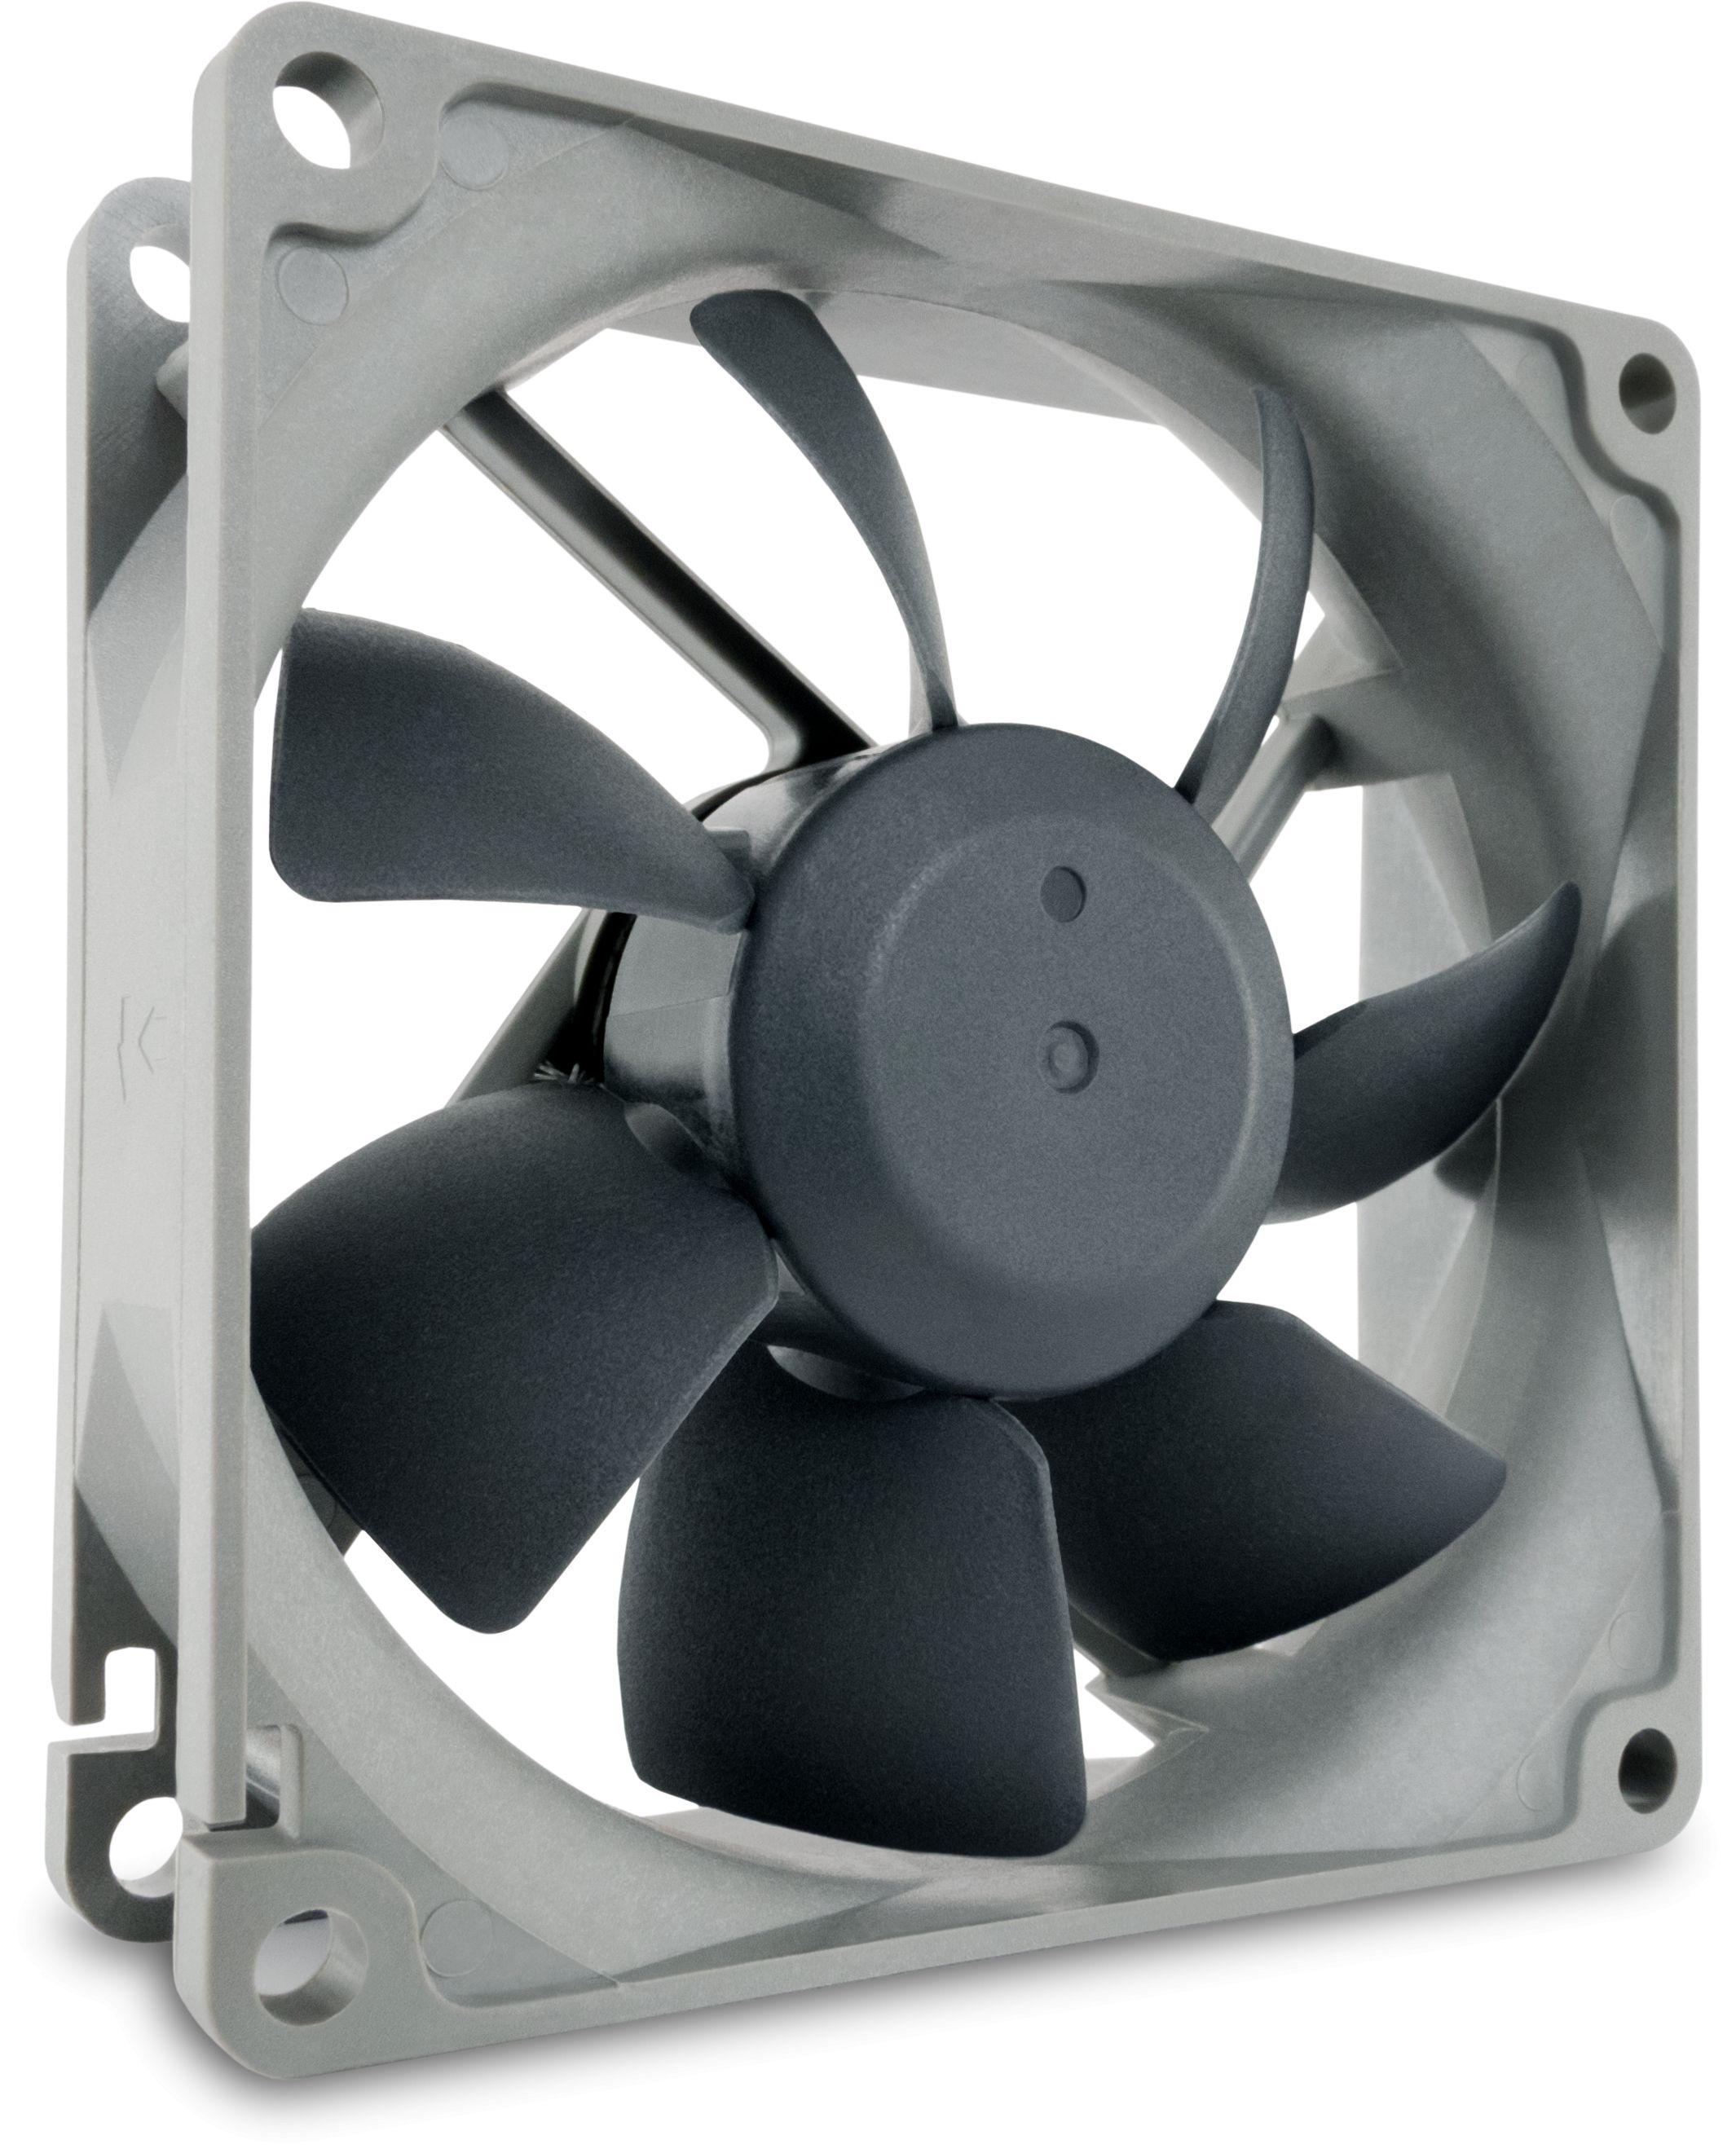 Nf R8 Redux 1200rpm 80mm Quiet Case Fan